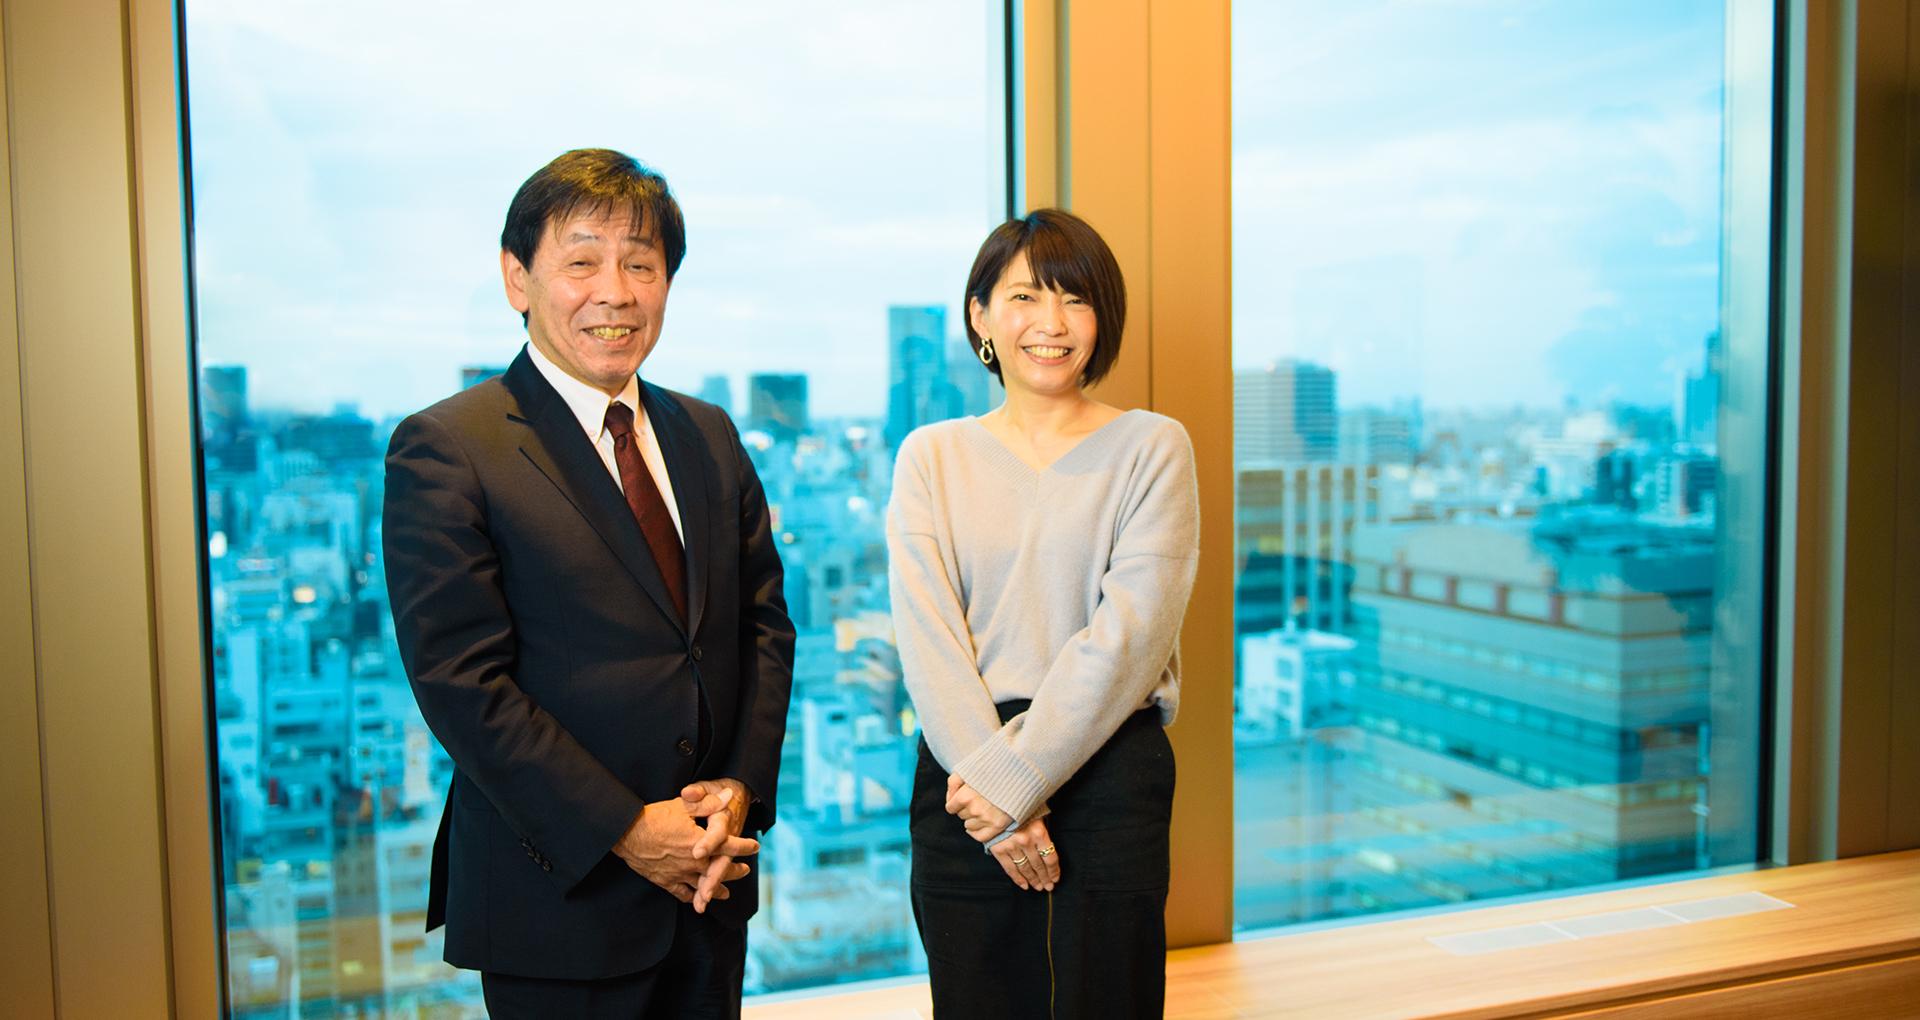 街の誇りを次世代につなぐ。 三井不動産が取り組む日本橋再生計画の ...